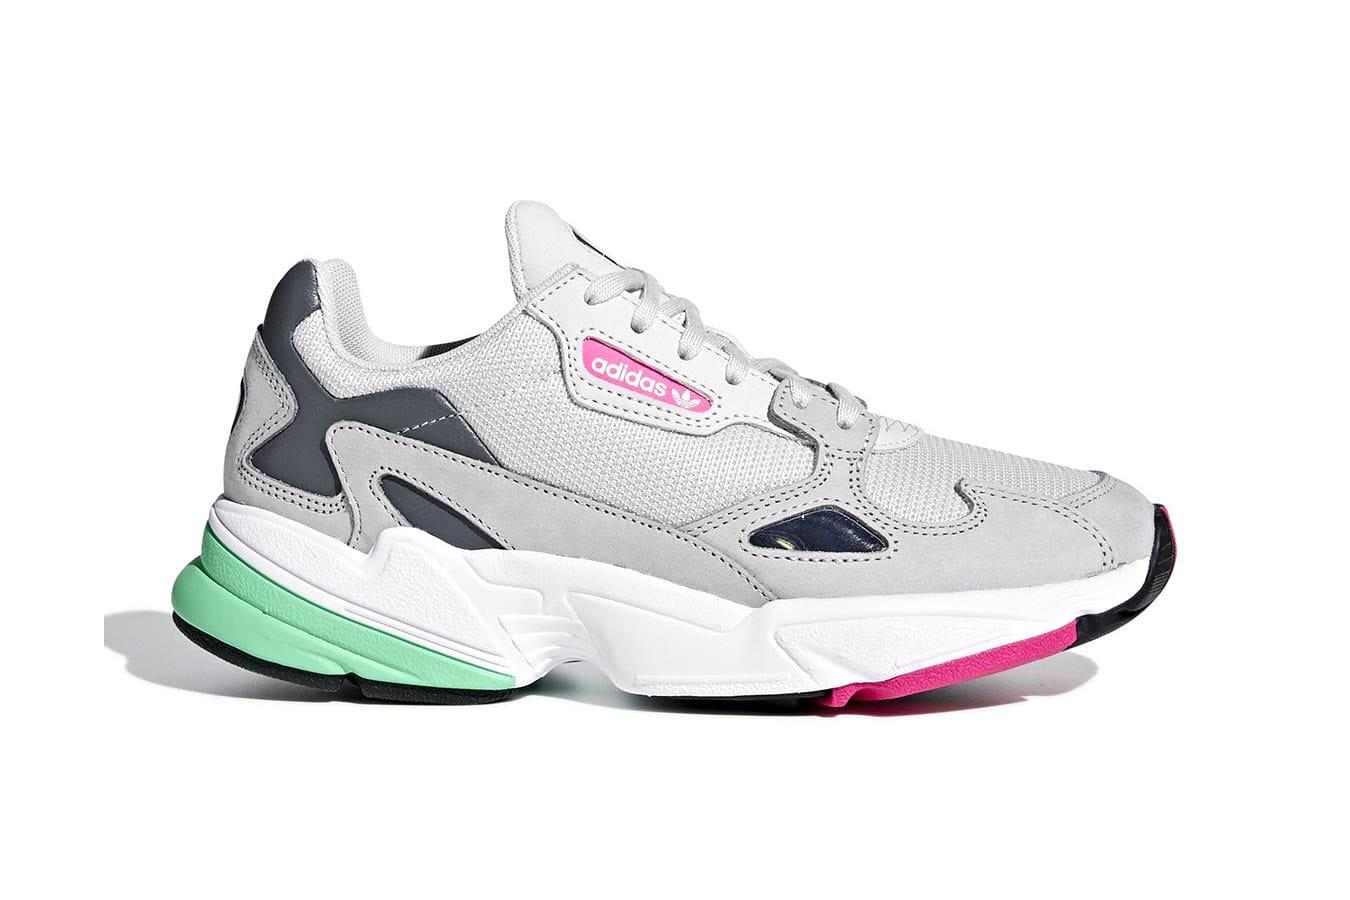 adidas Originals' Falcon Gray in Pink